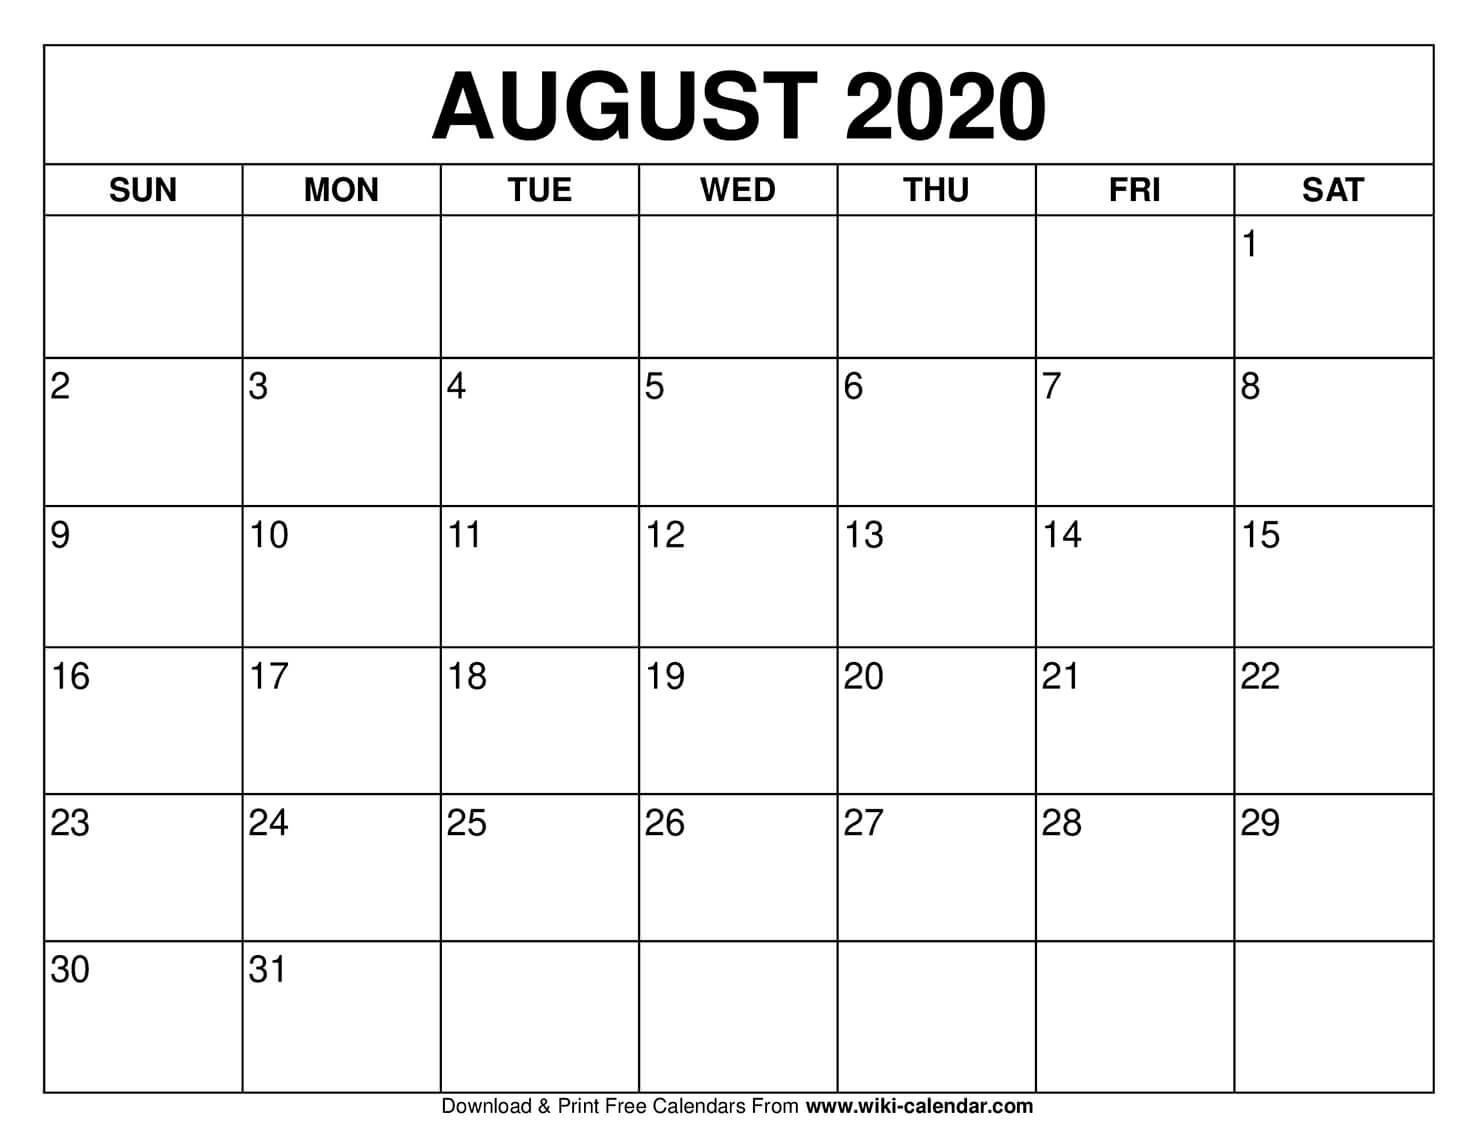 Get August Calendar Print Out